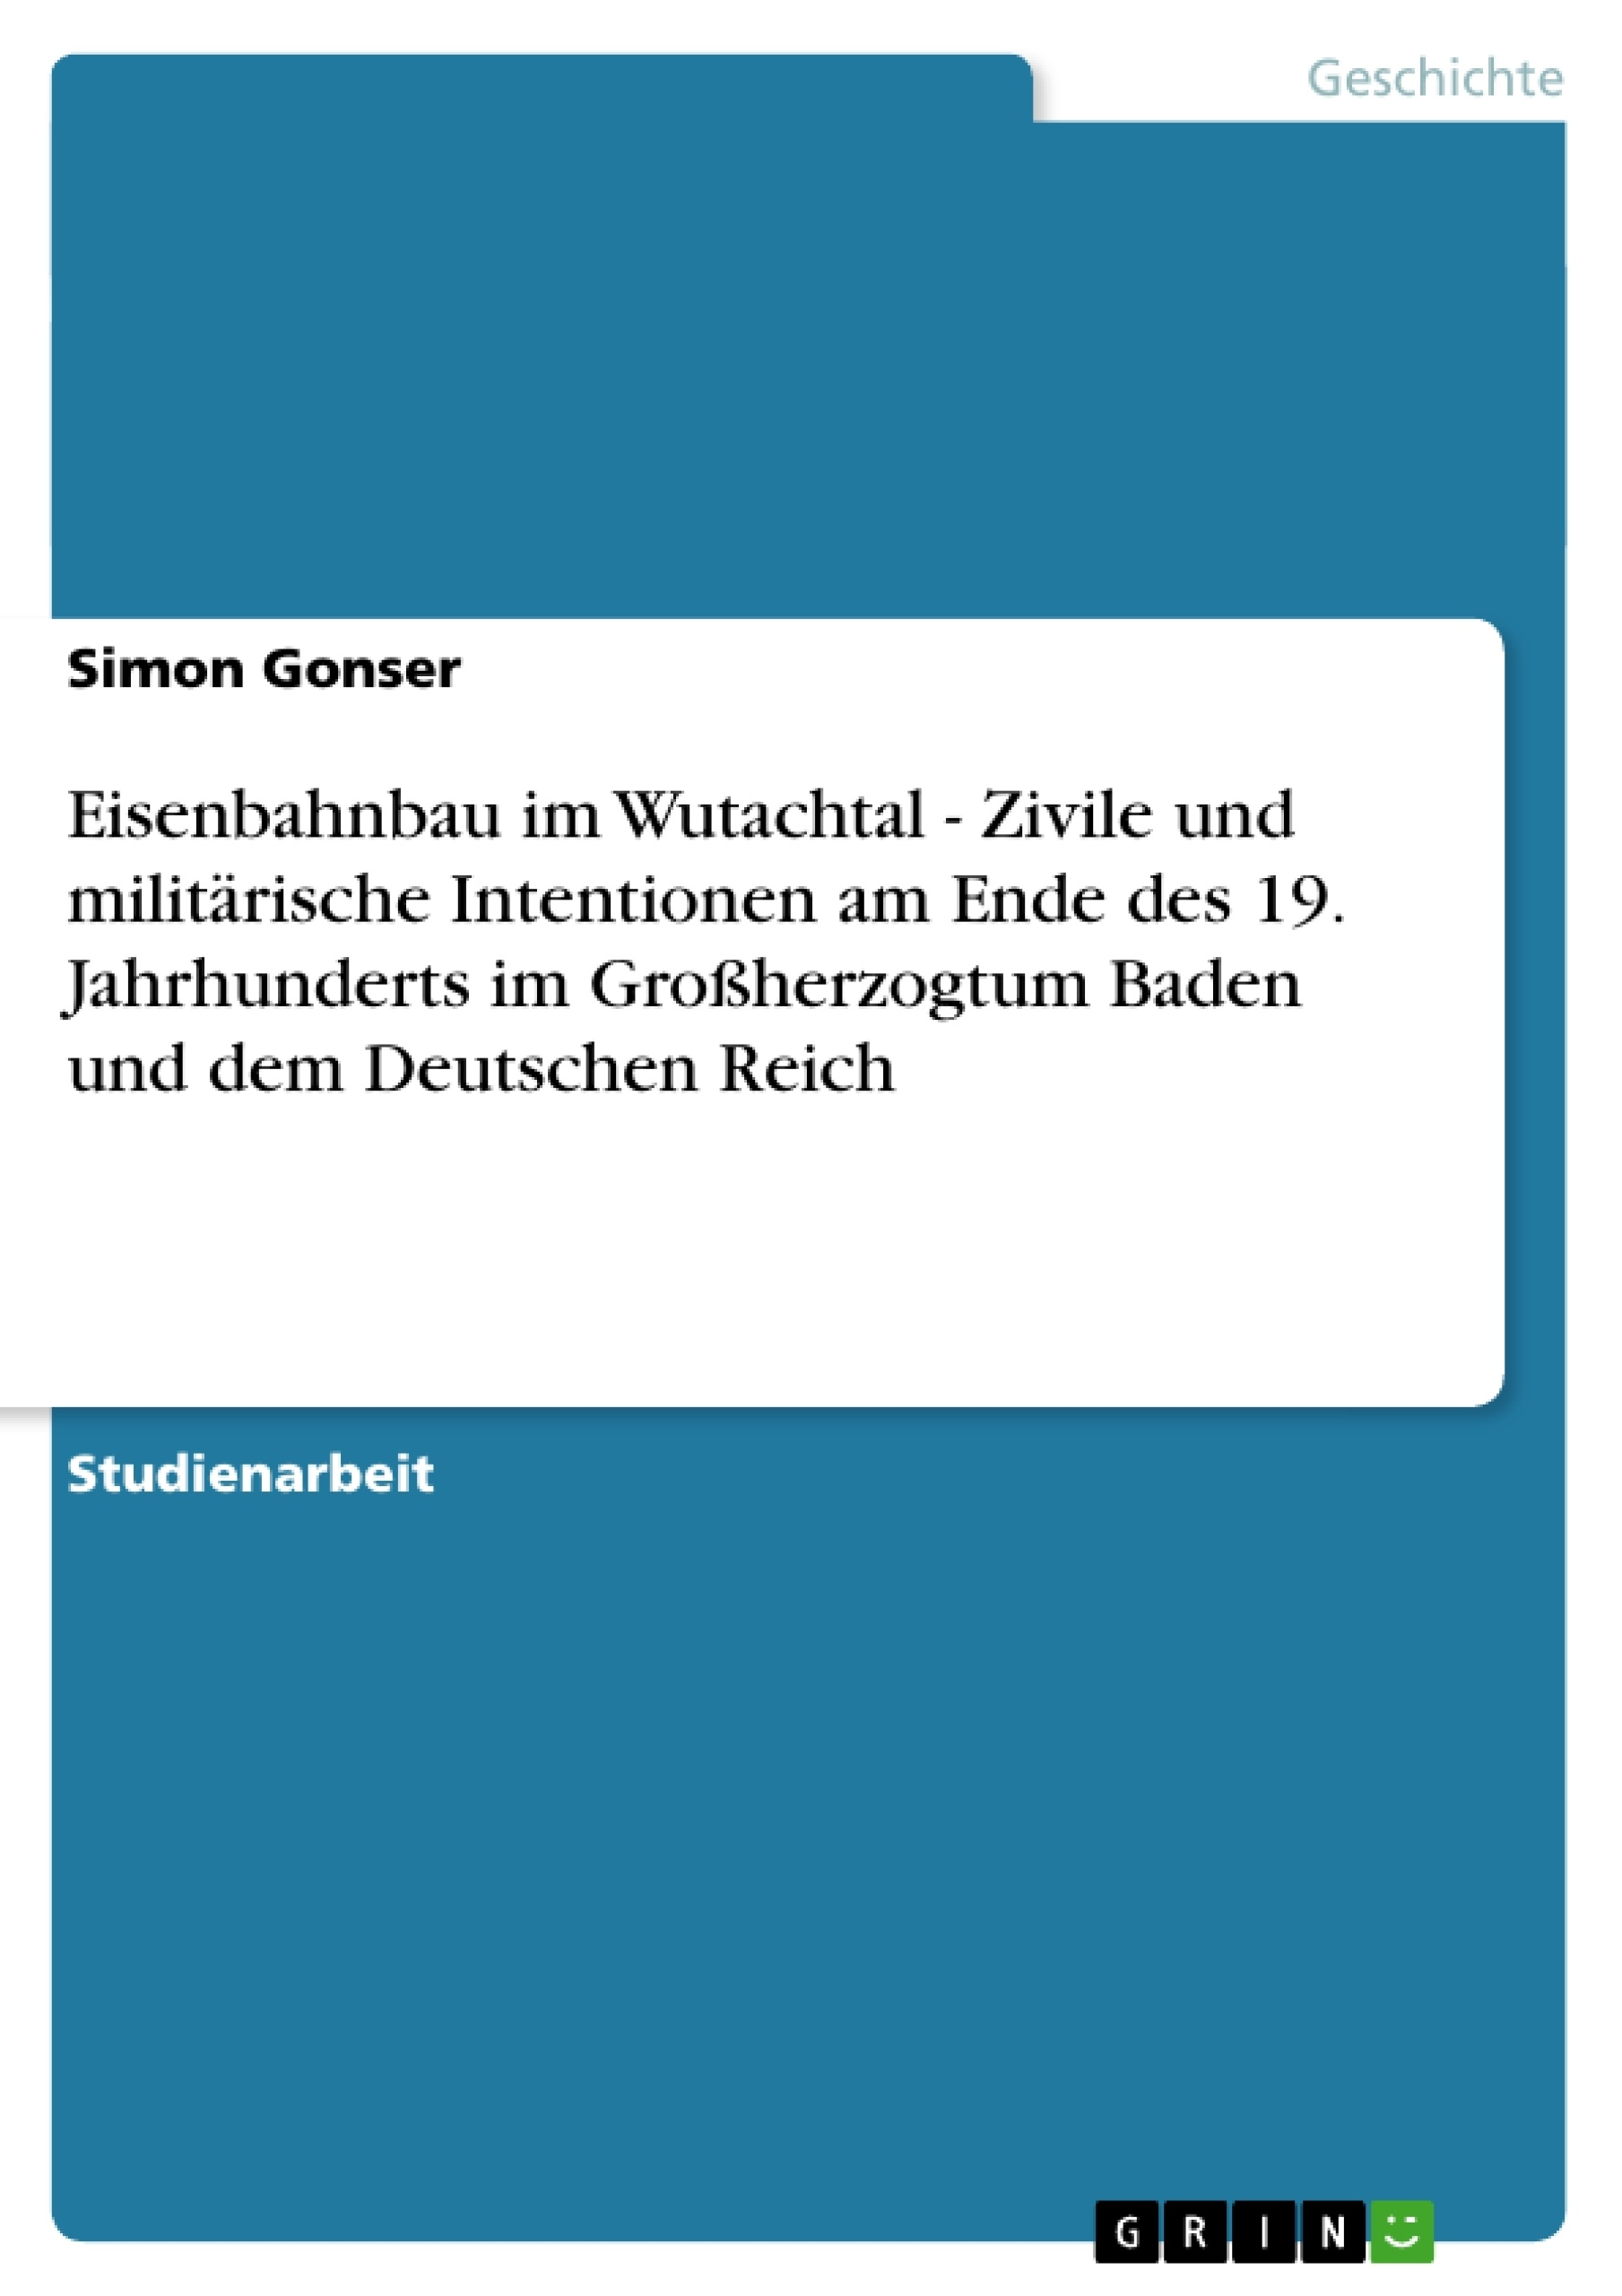 Titel: Eisenbahnbau im Wutachtal - Zivile und militärische Intentionen am Ende des 19. Jahrhunderts im Großherzogtum Baden und dem Deutschen Reich